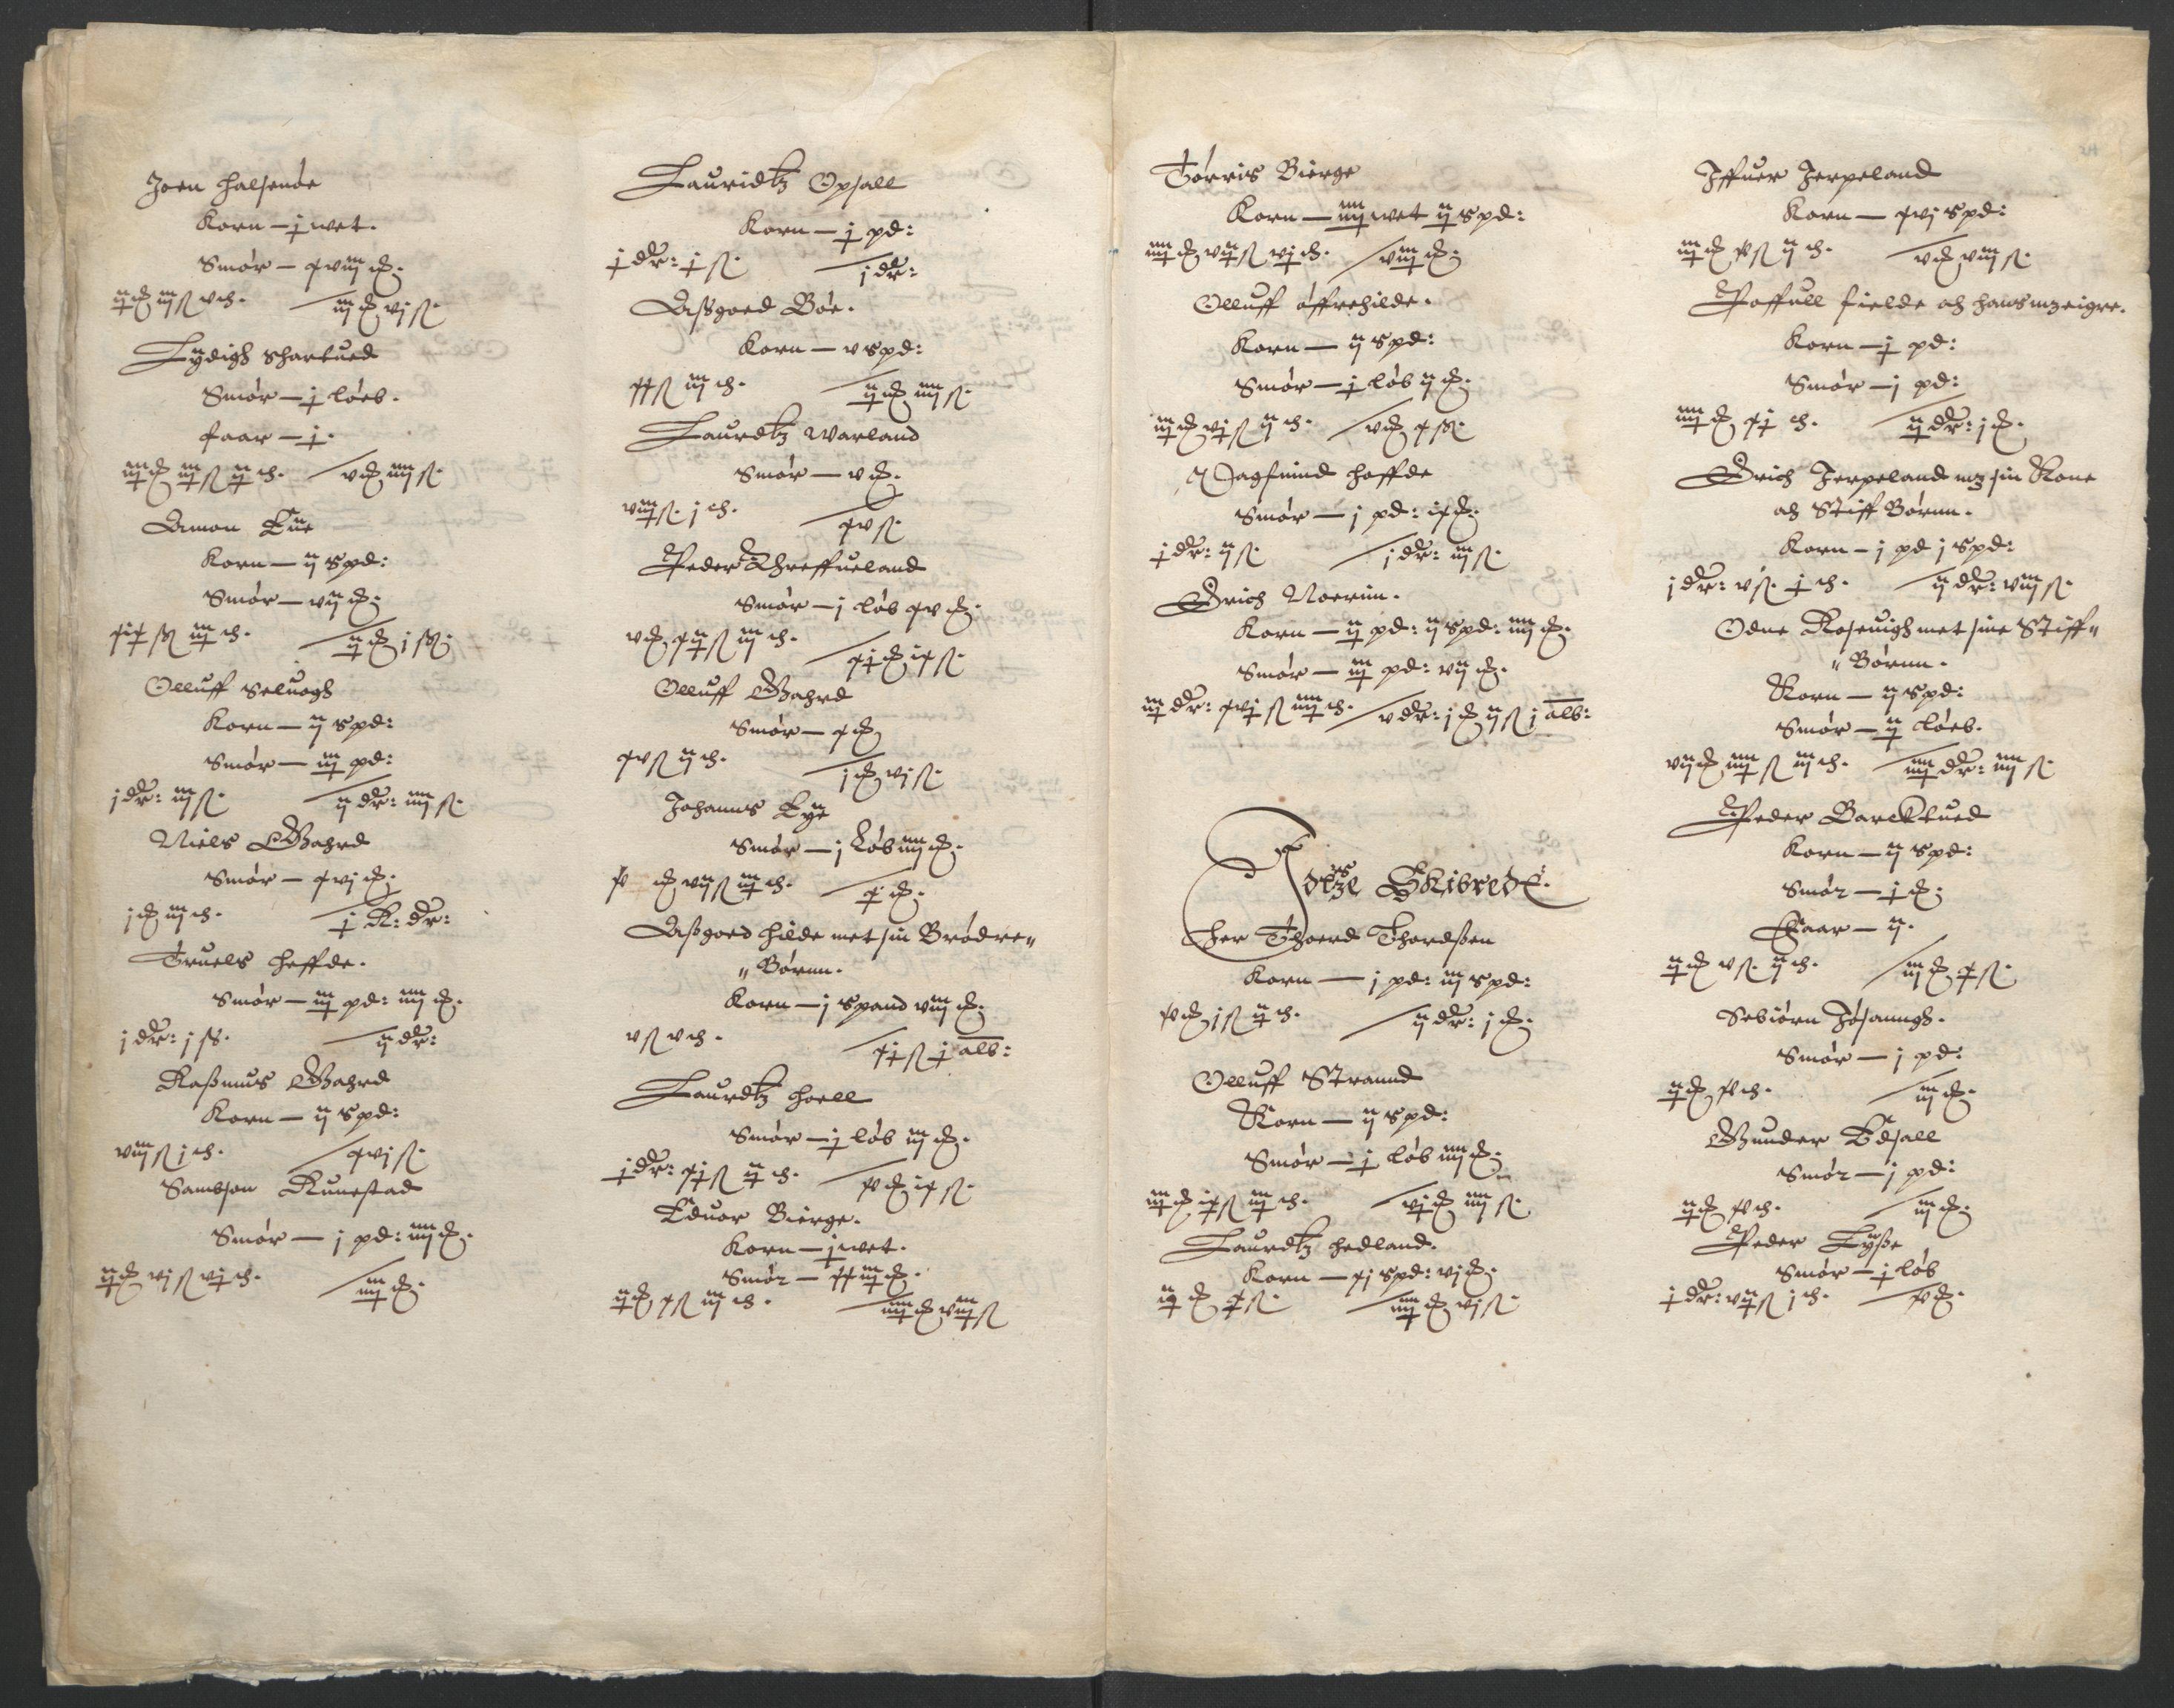 RA, Stattholderembetet 1572-1771, Ek/L0010: Jordebøker til utlikning av rosstjeneste 1624-1626:, 1624-1626, s. 89